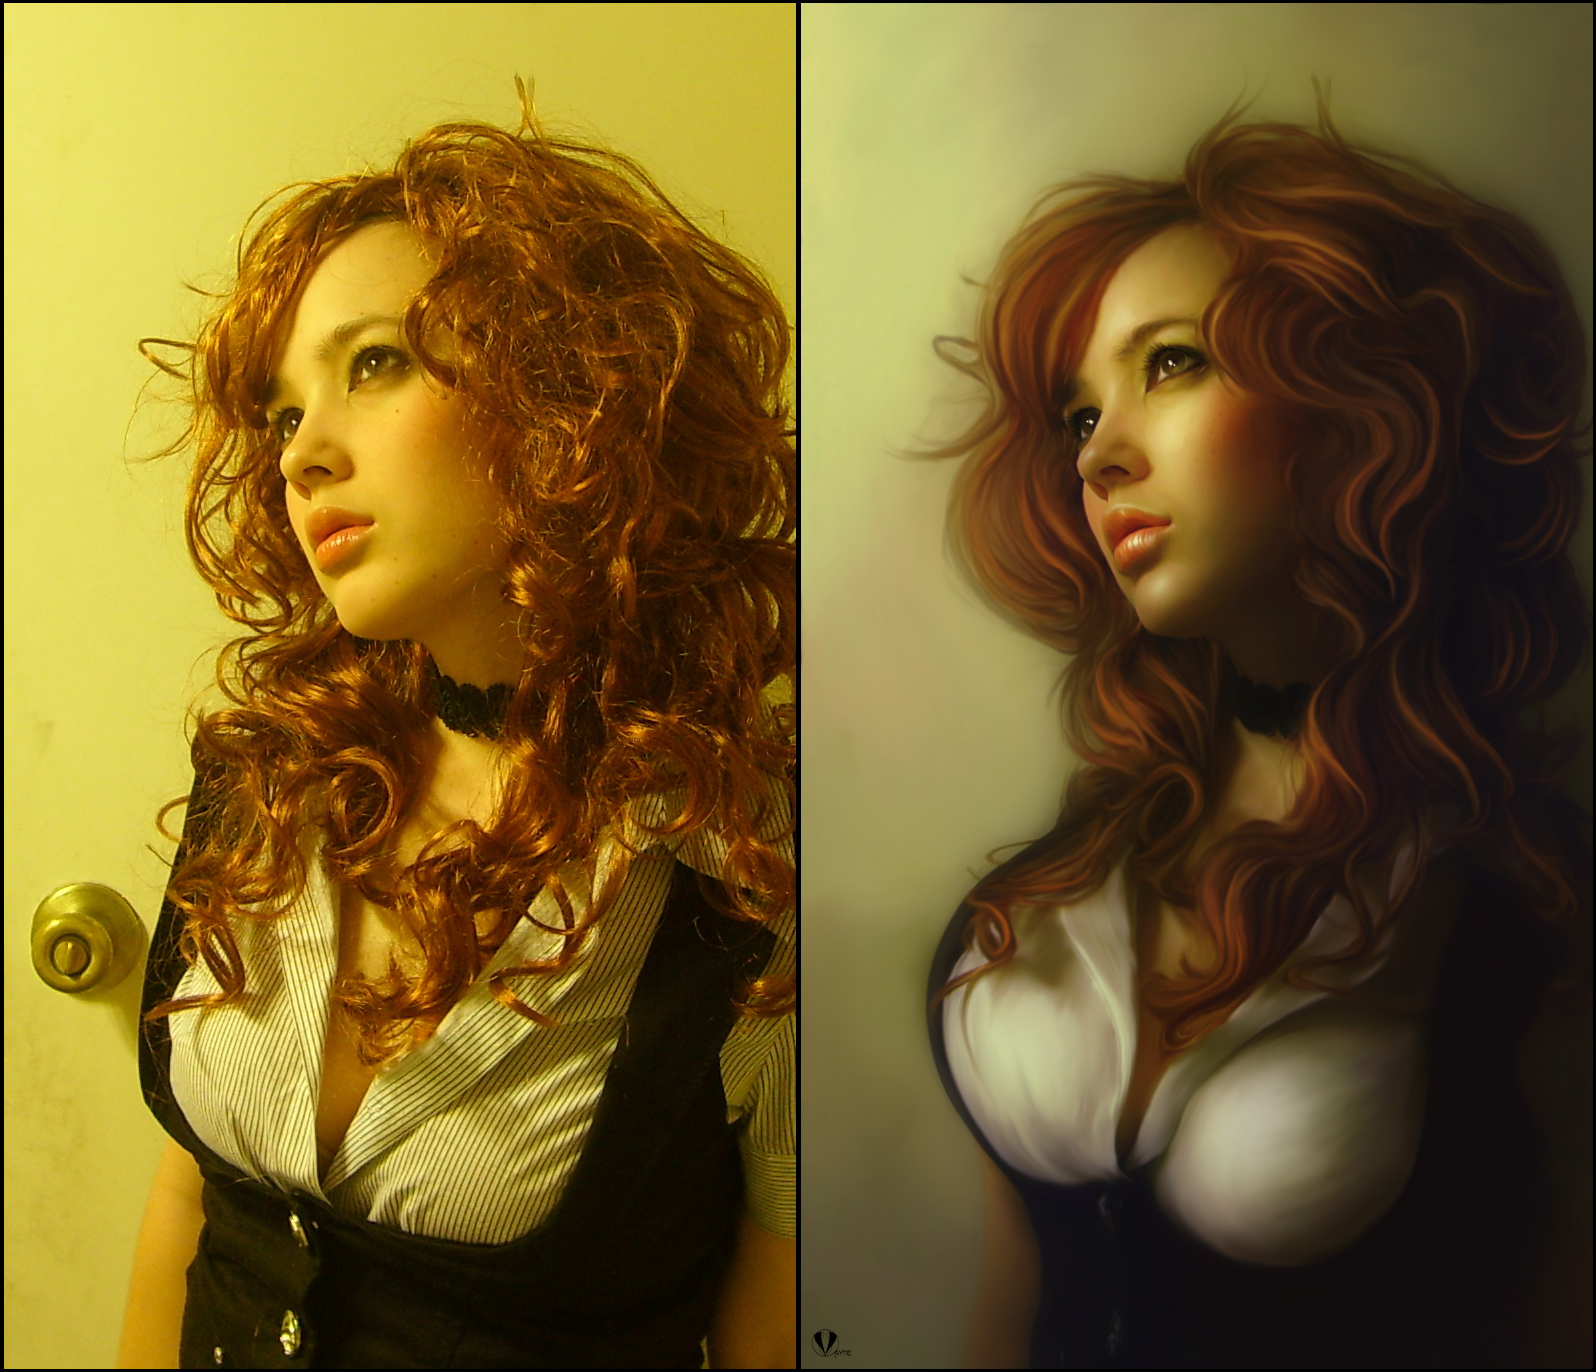 Пошагово как обработать фото в стиле арт